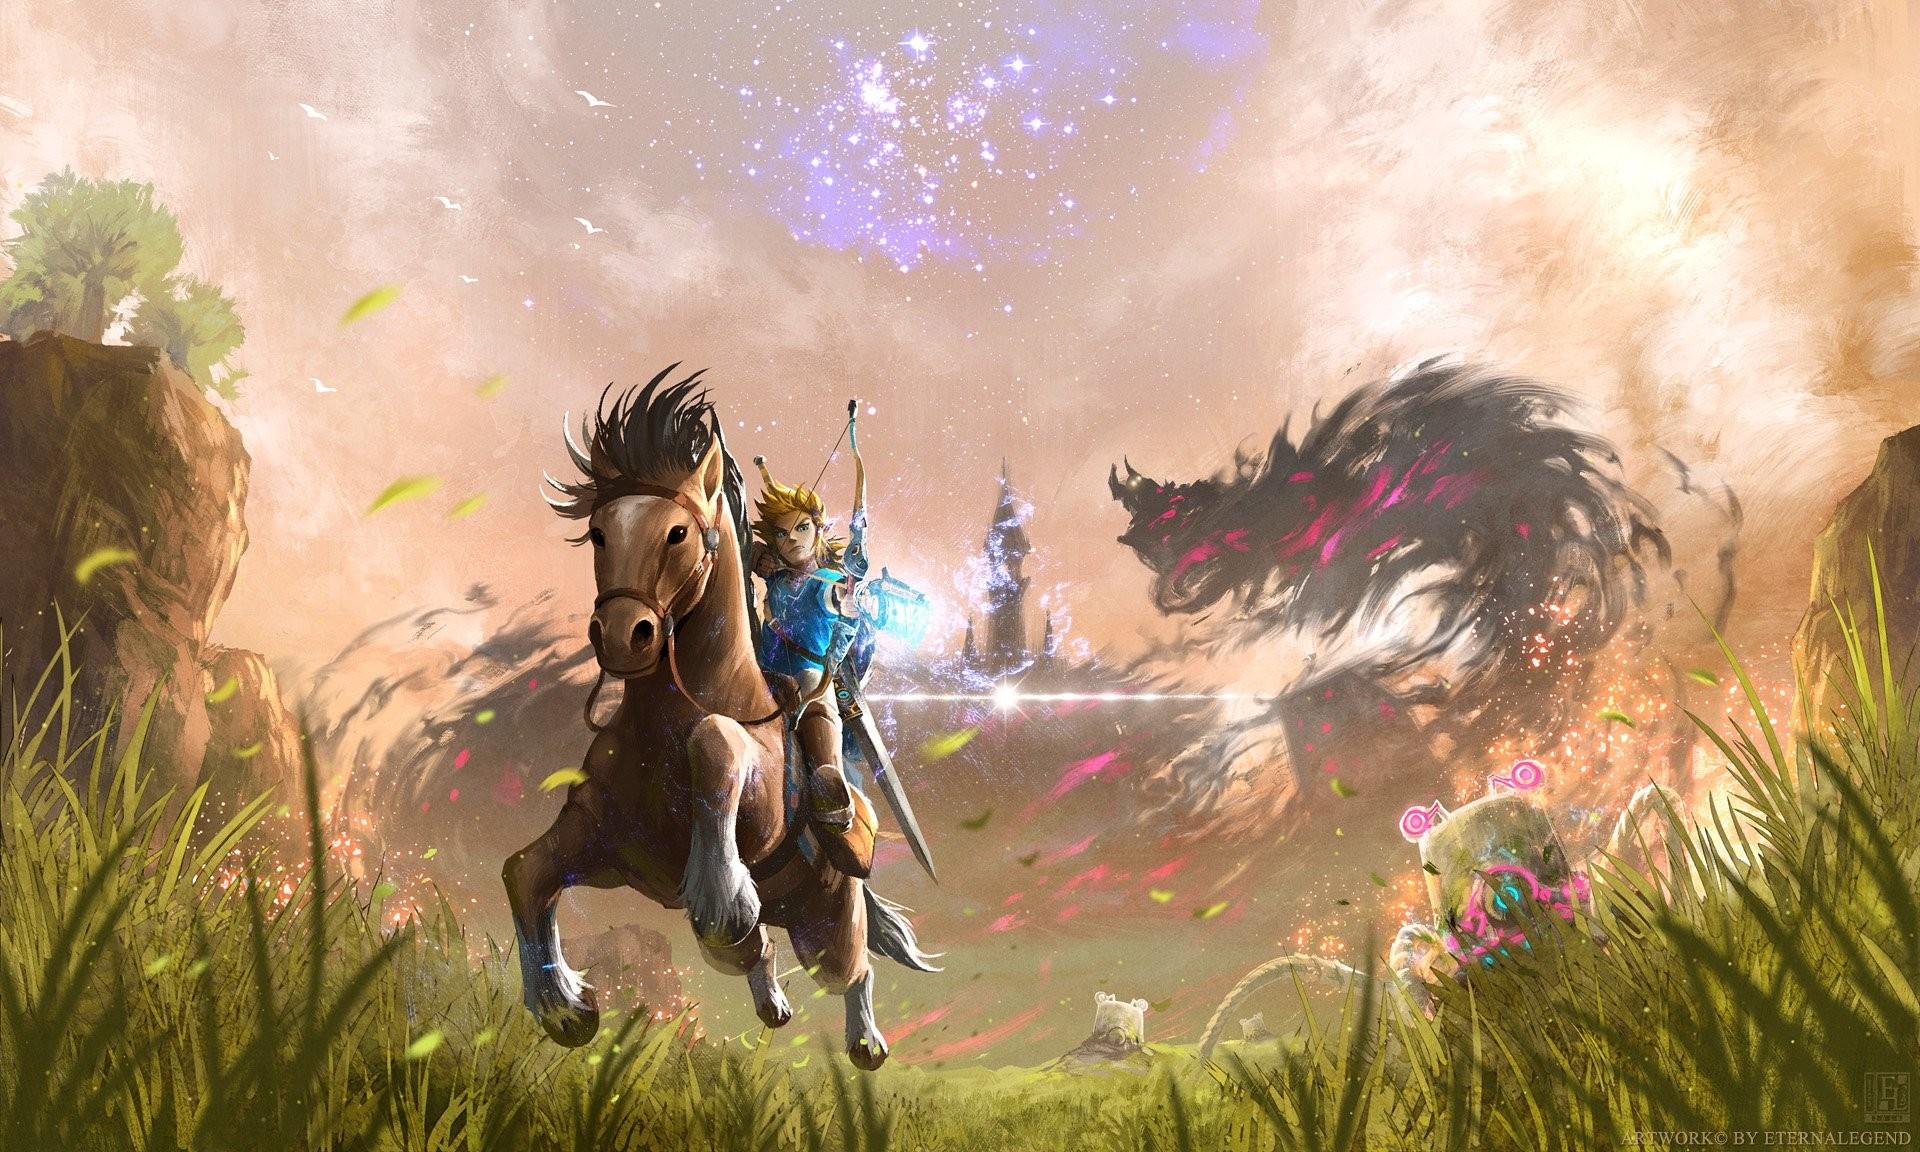 Zelda Wallpaper Breath Of The Wild: Zelda Breath Of The Wild Wallpaper ·① Download Free Cool